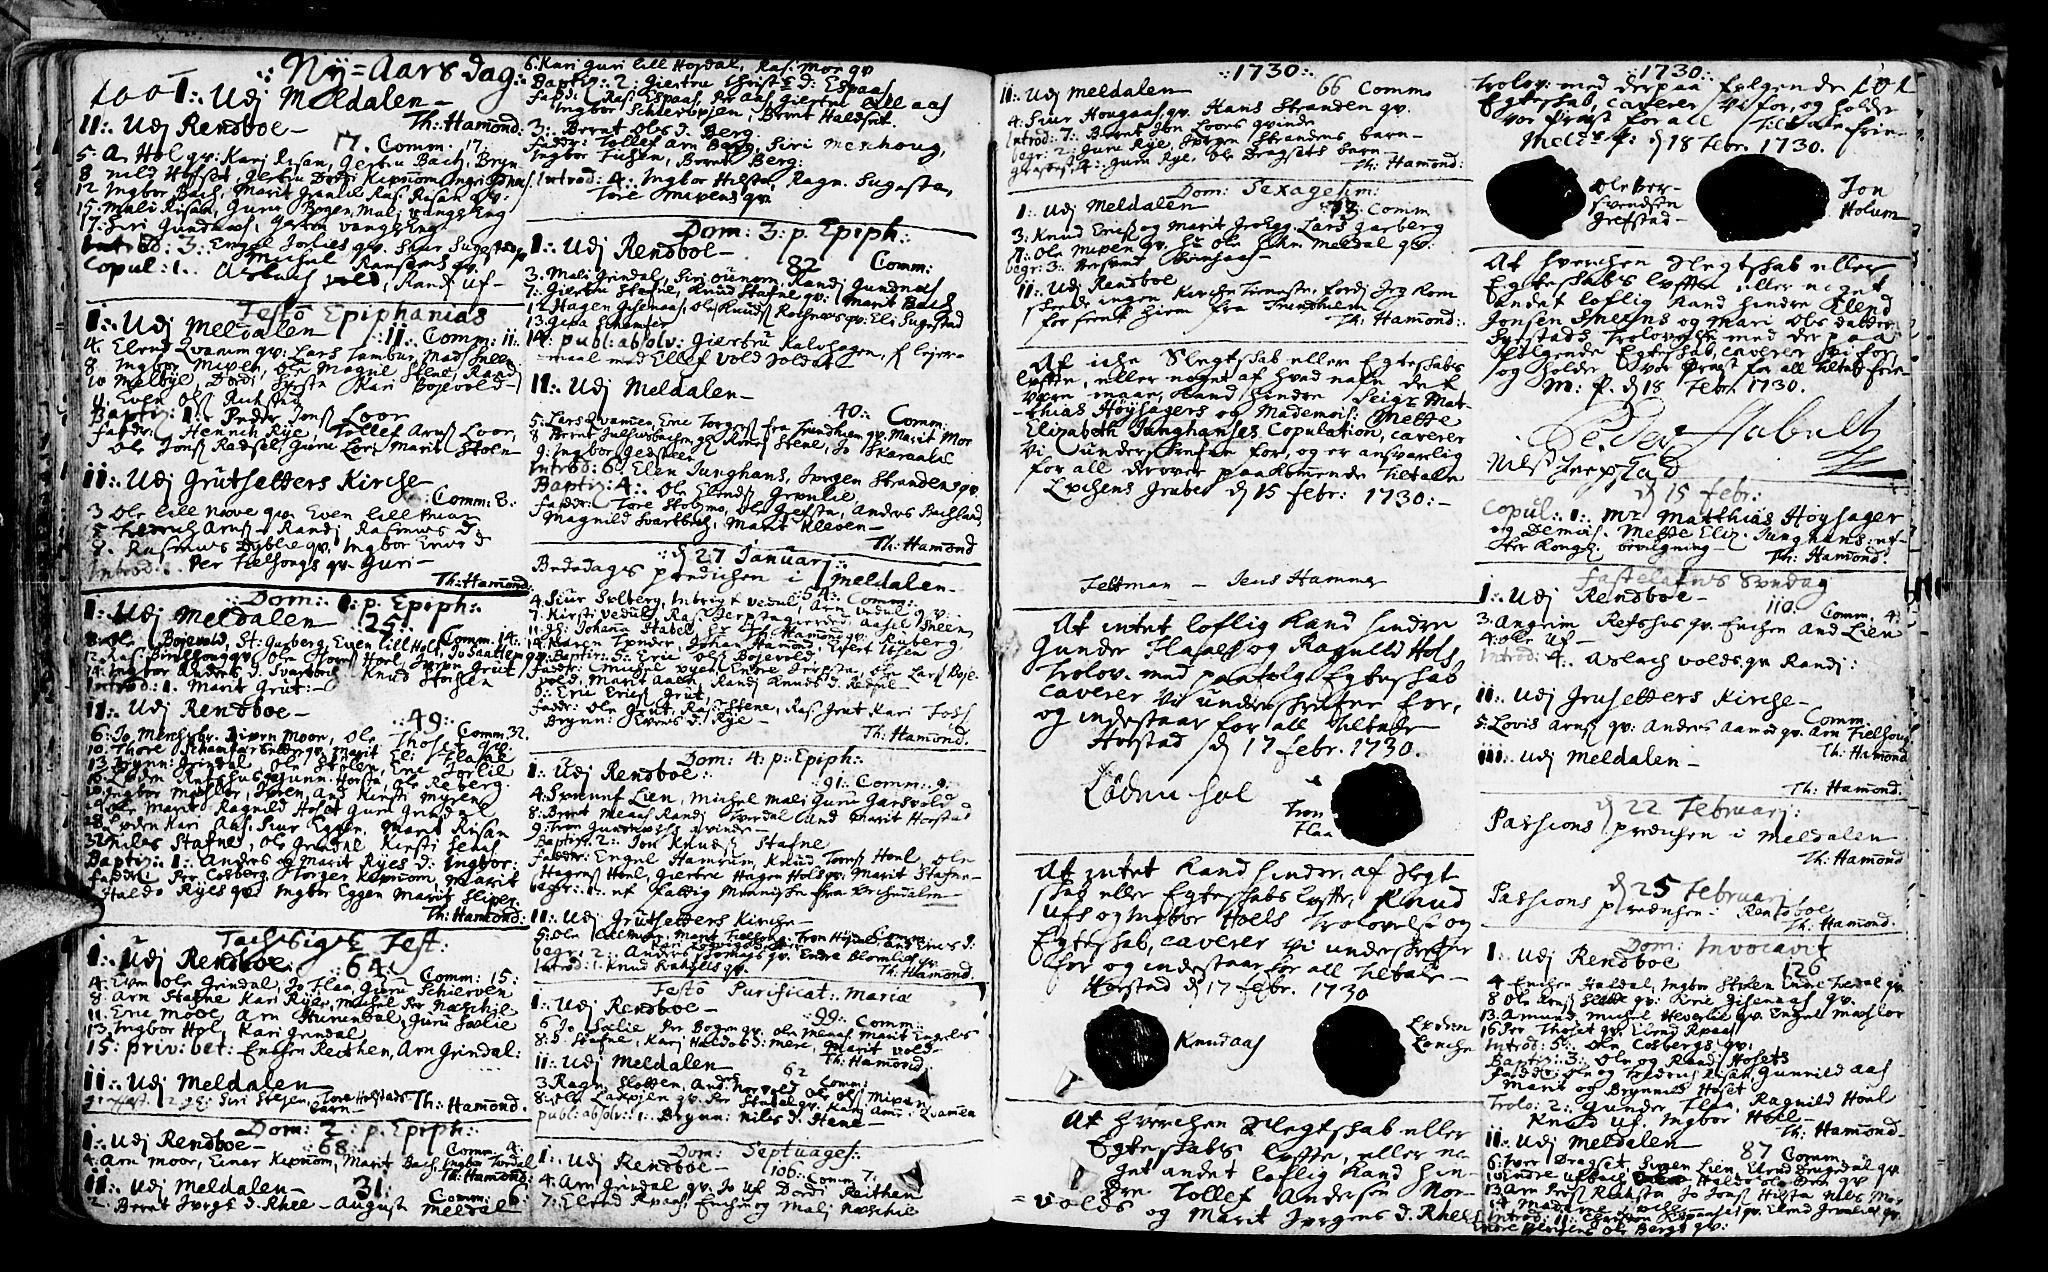 SAT, Ministerialprotokoller, klokkerbøker og fødselsregistre - Sør-Trøndelag, 672/L0850: Ministerialbok nr. 672A03, 1725-1751, s. 100-101